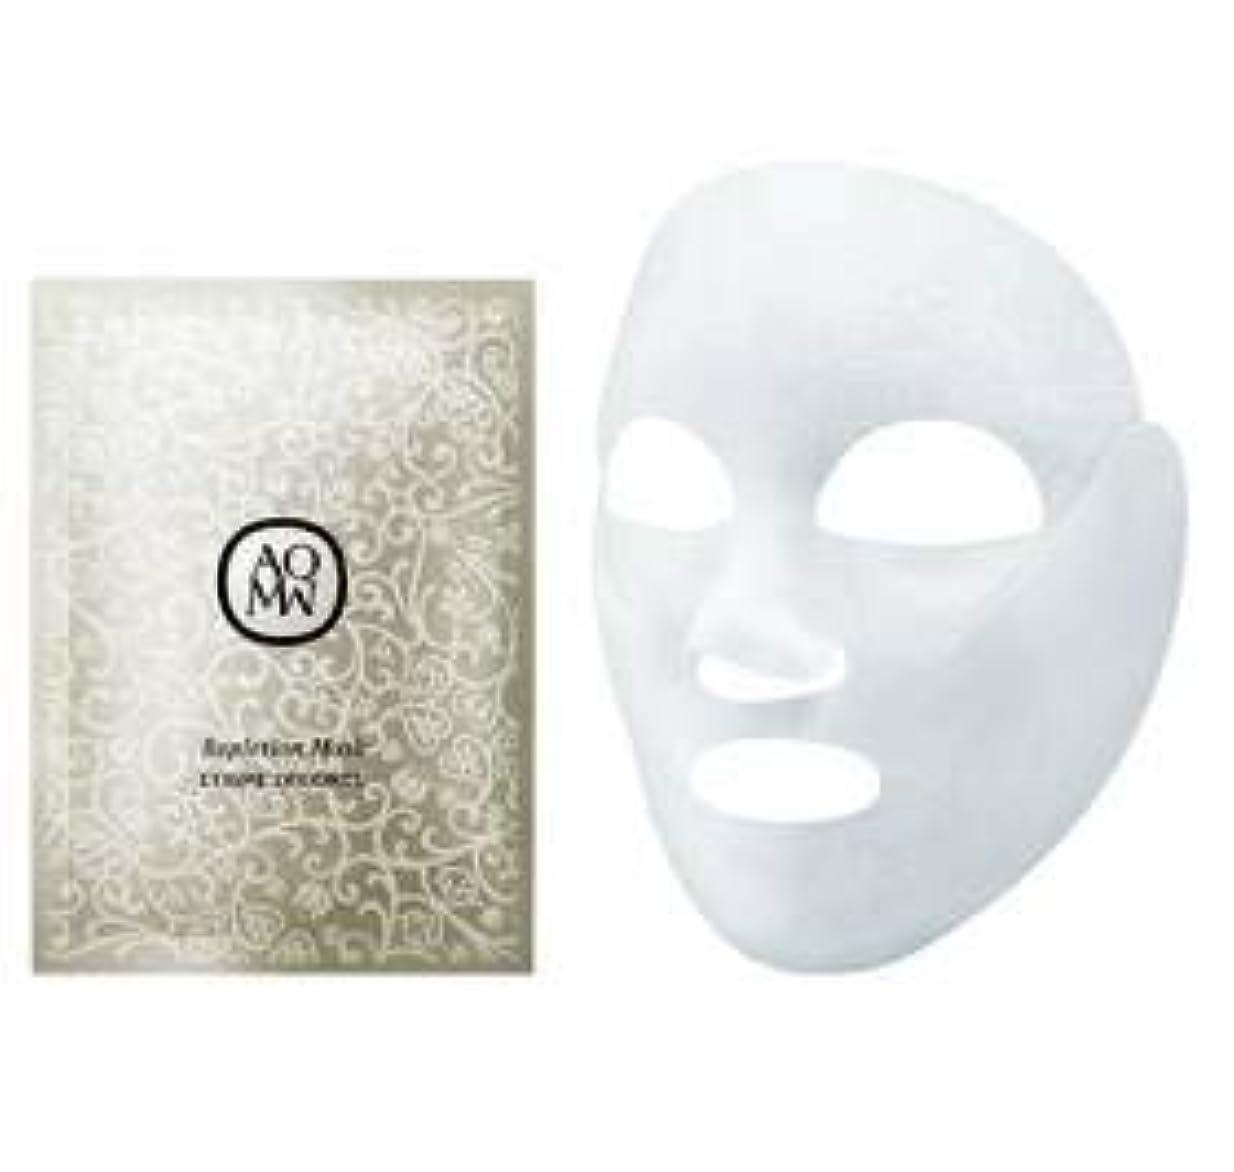 後退する刈る洗うコスメデコルテ AQ MW レ プリション マスク(6枚入)